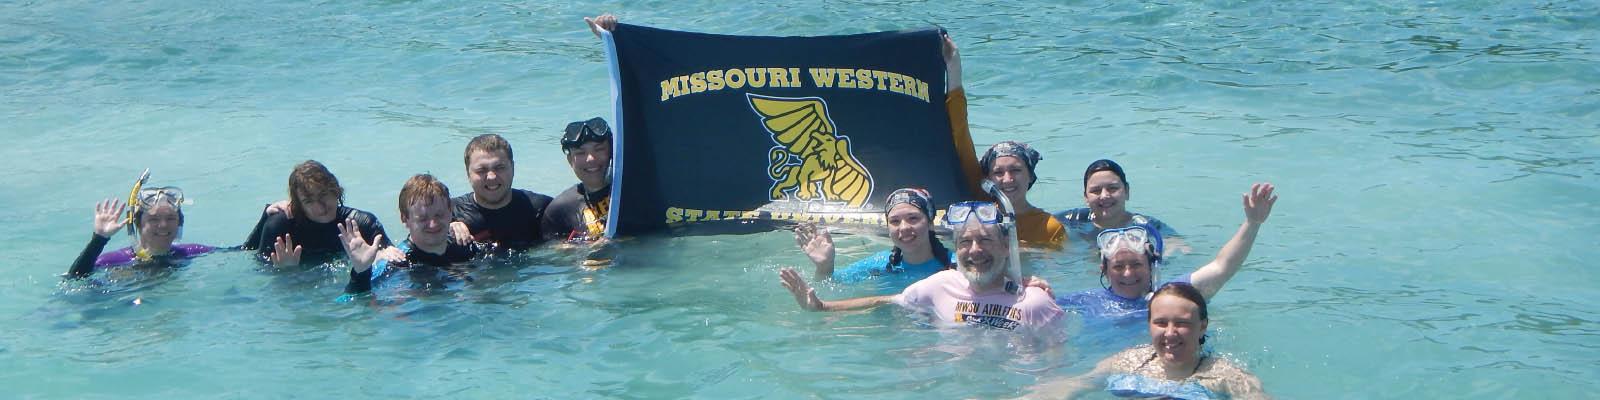 MWSU students in central america